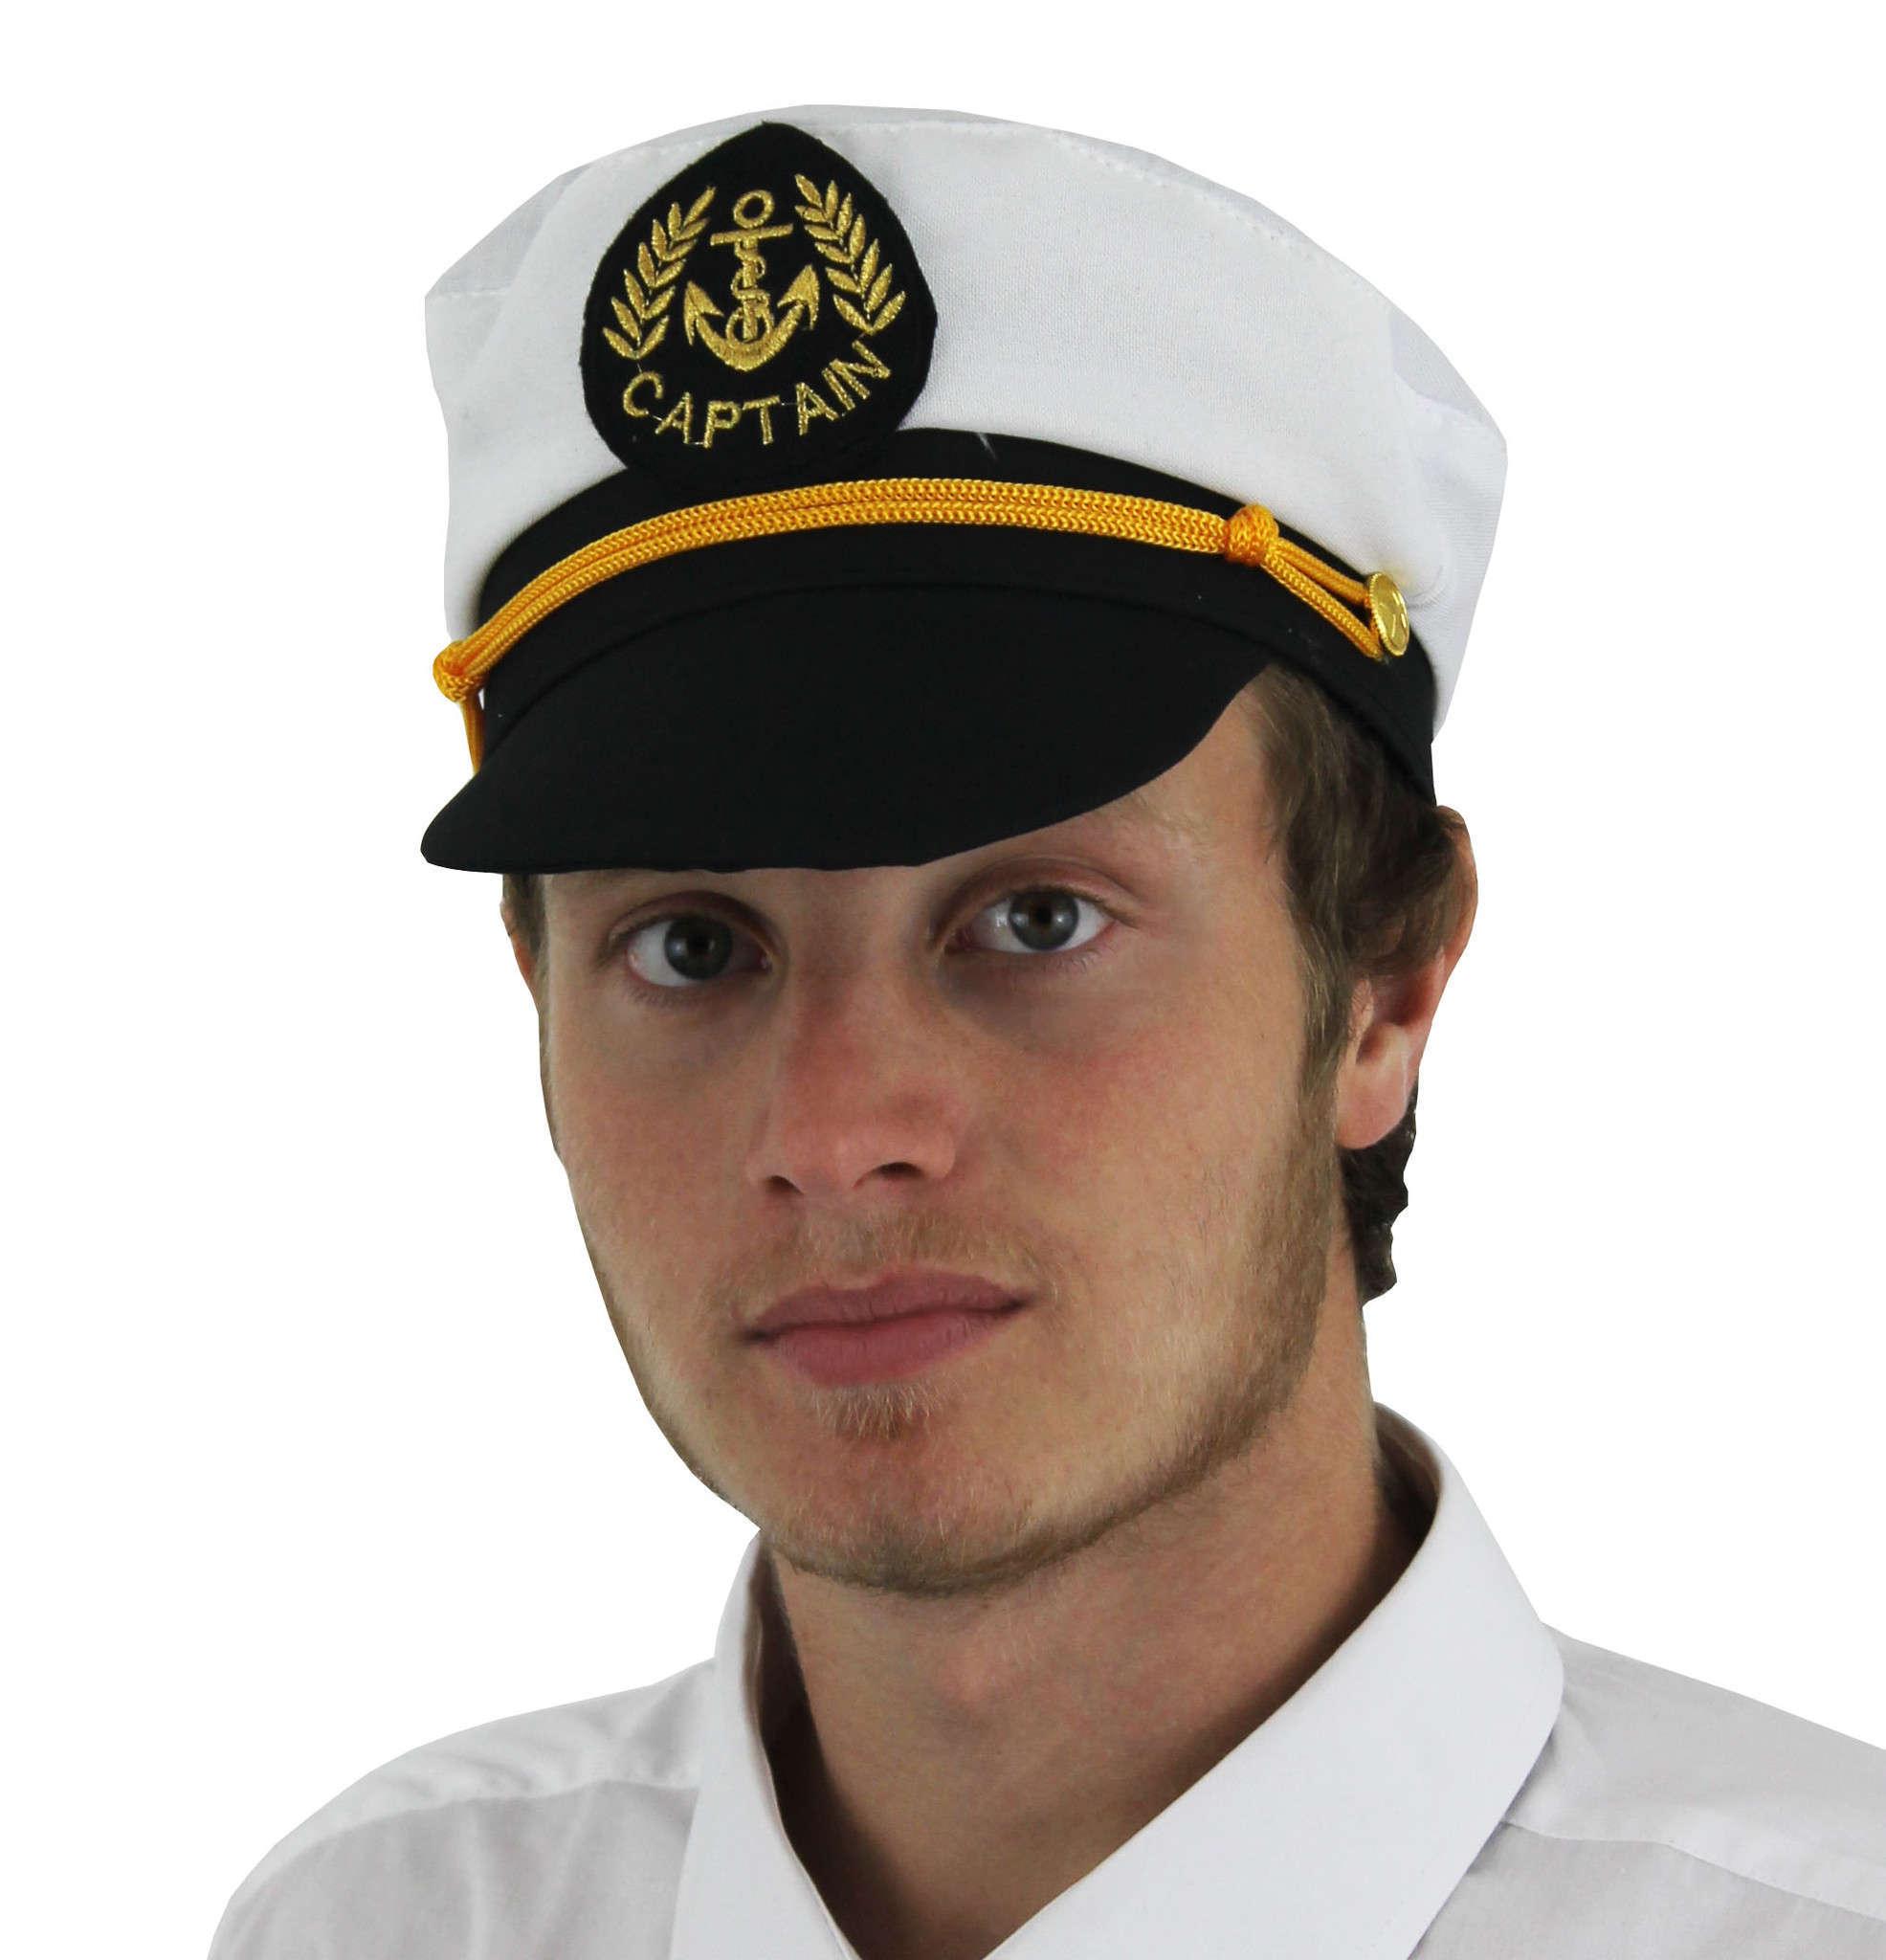 bbfce15df09 Adults Captain Hat - I Love Fancy Dress